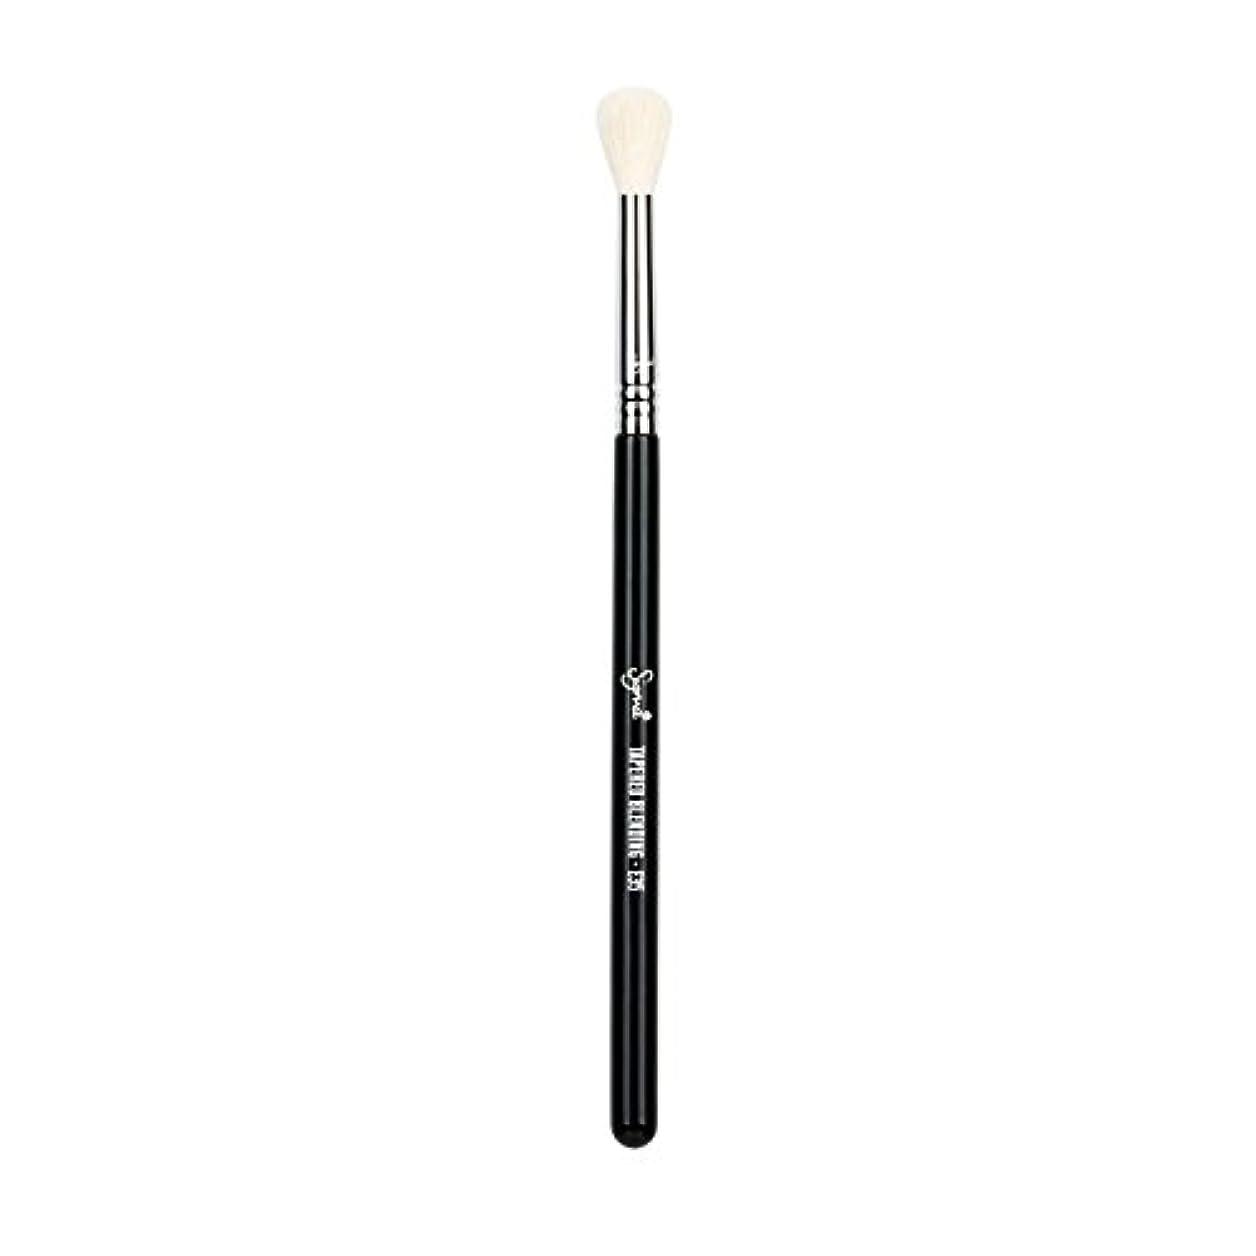 検査官成り立つ追うSigma Beauty E35 Tapered Blending Brush -並行輸入品